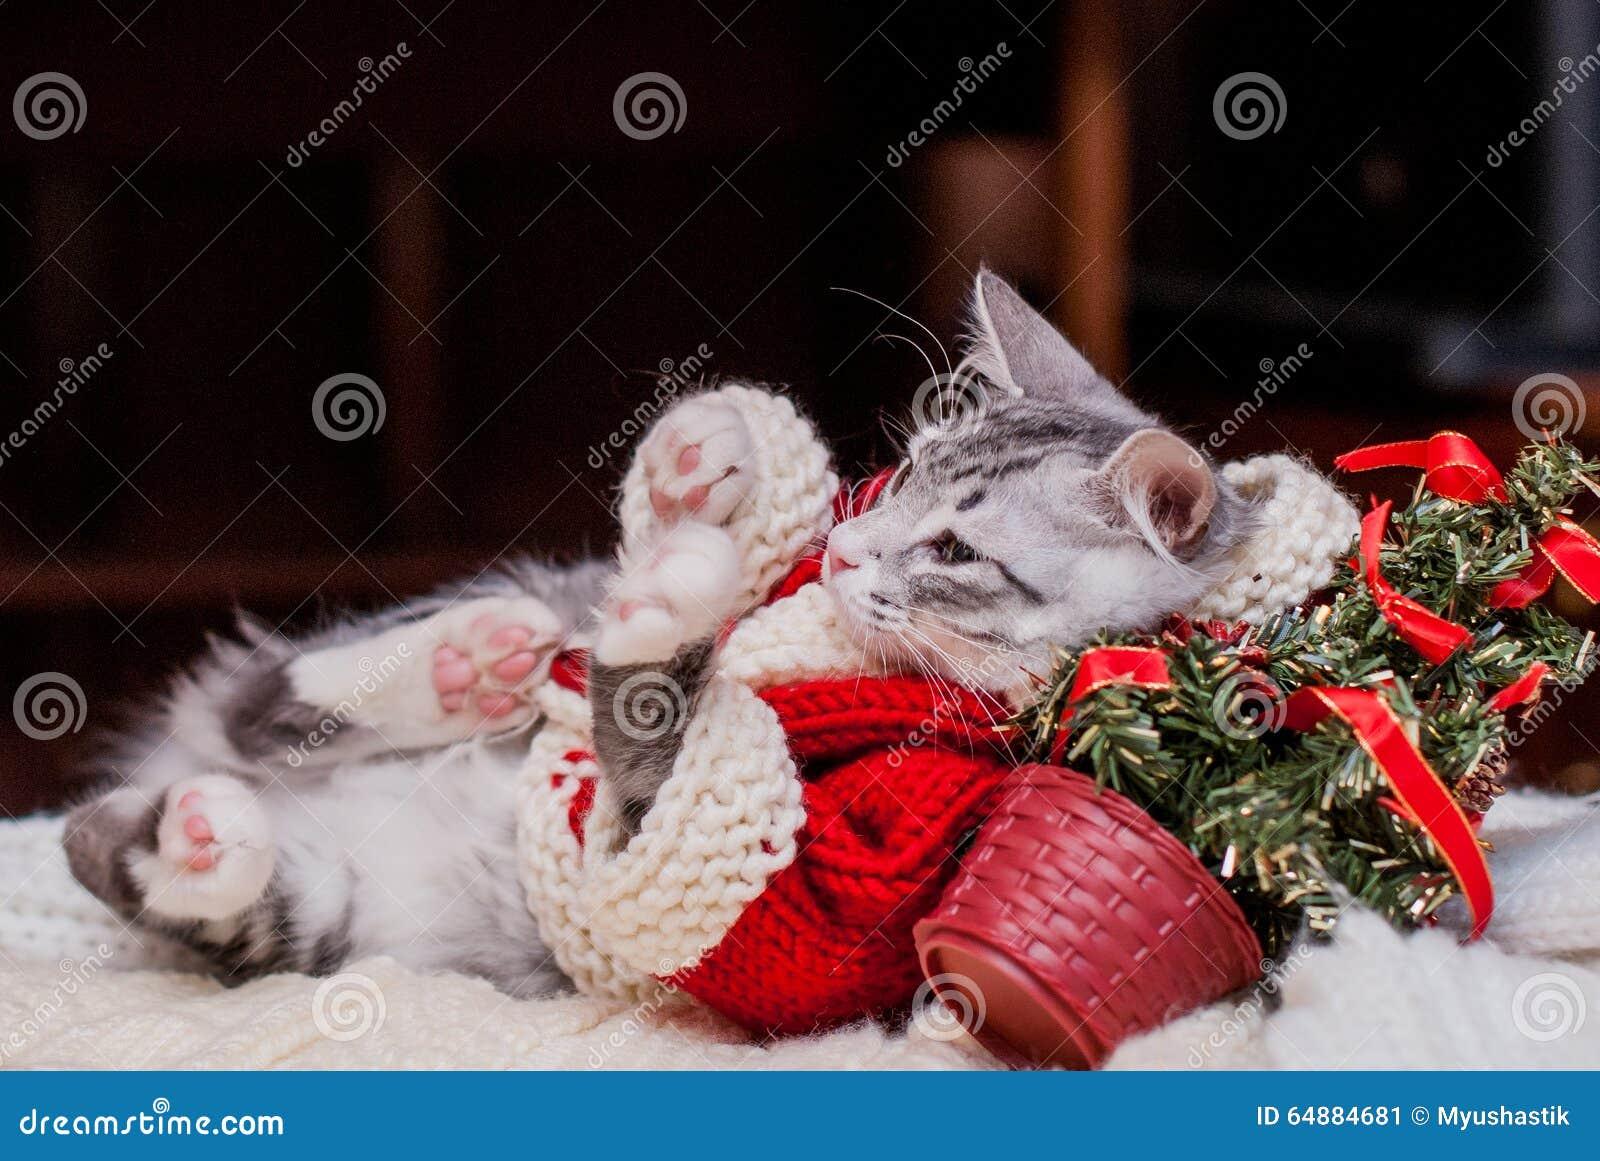 Kitten Santa Claus